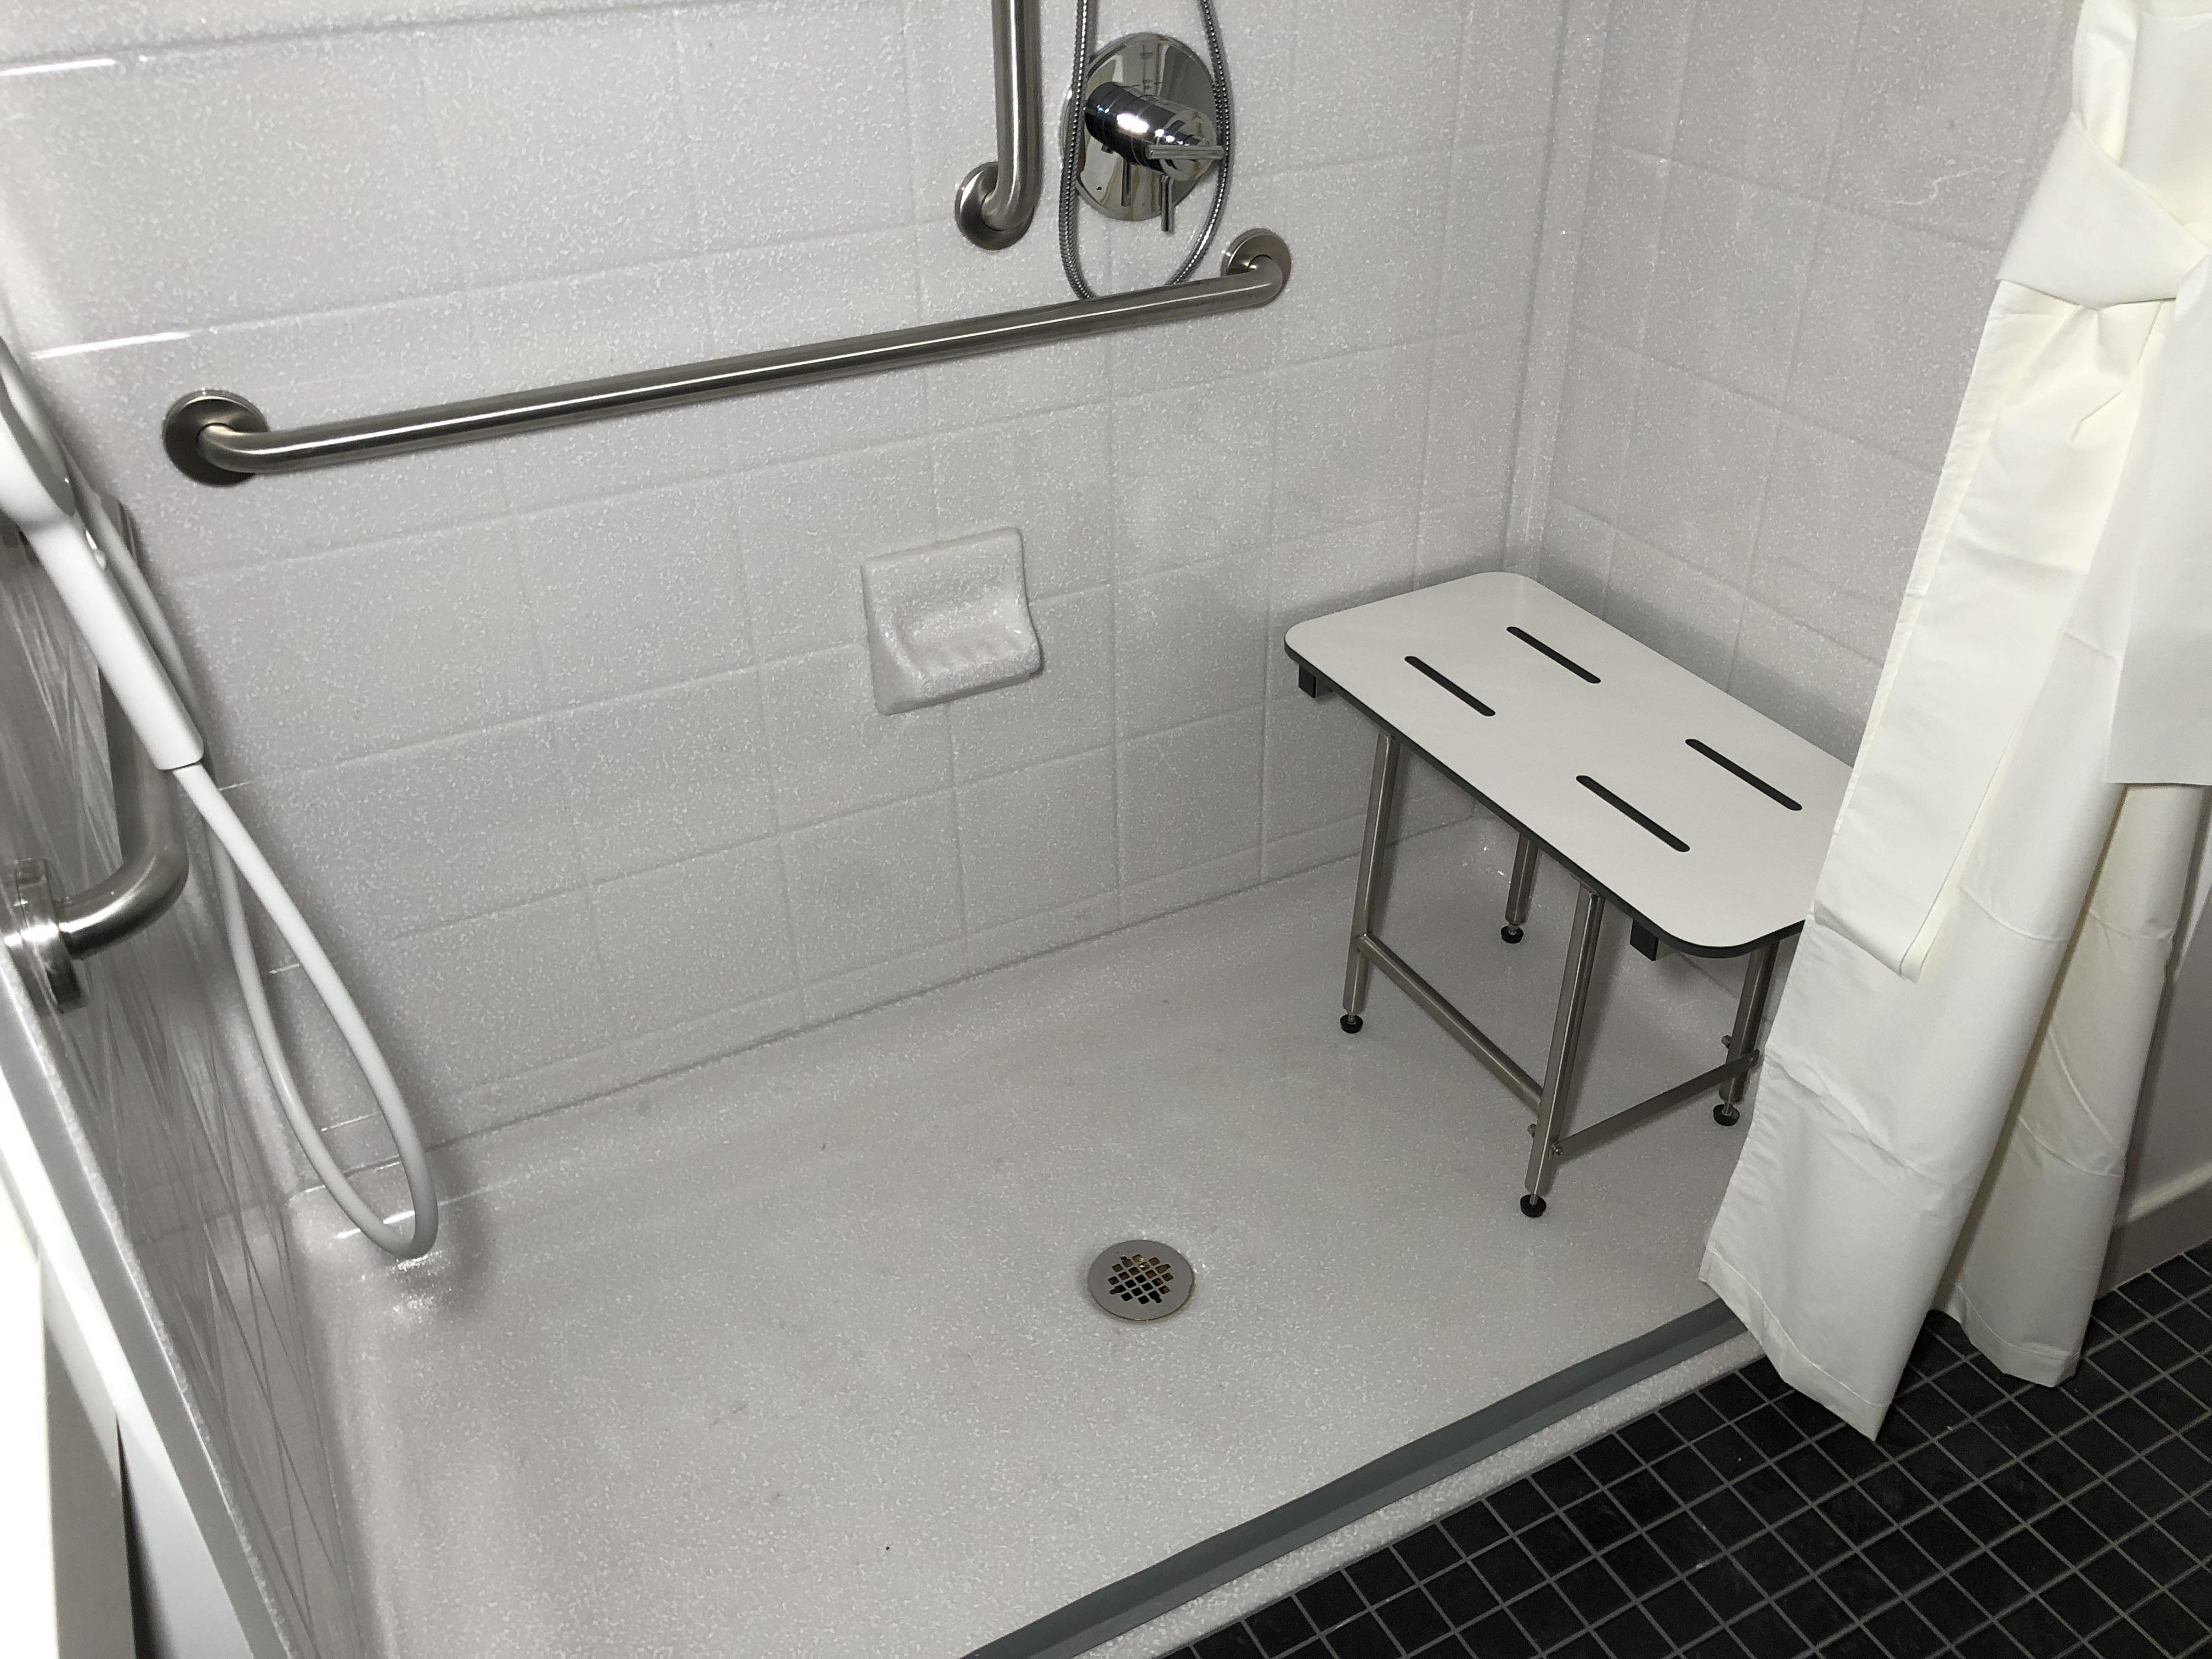 Bestbath shower